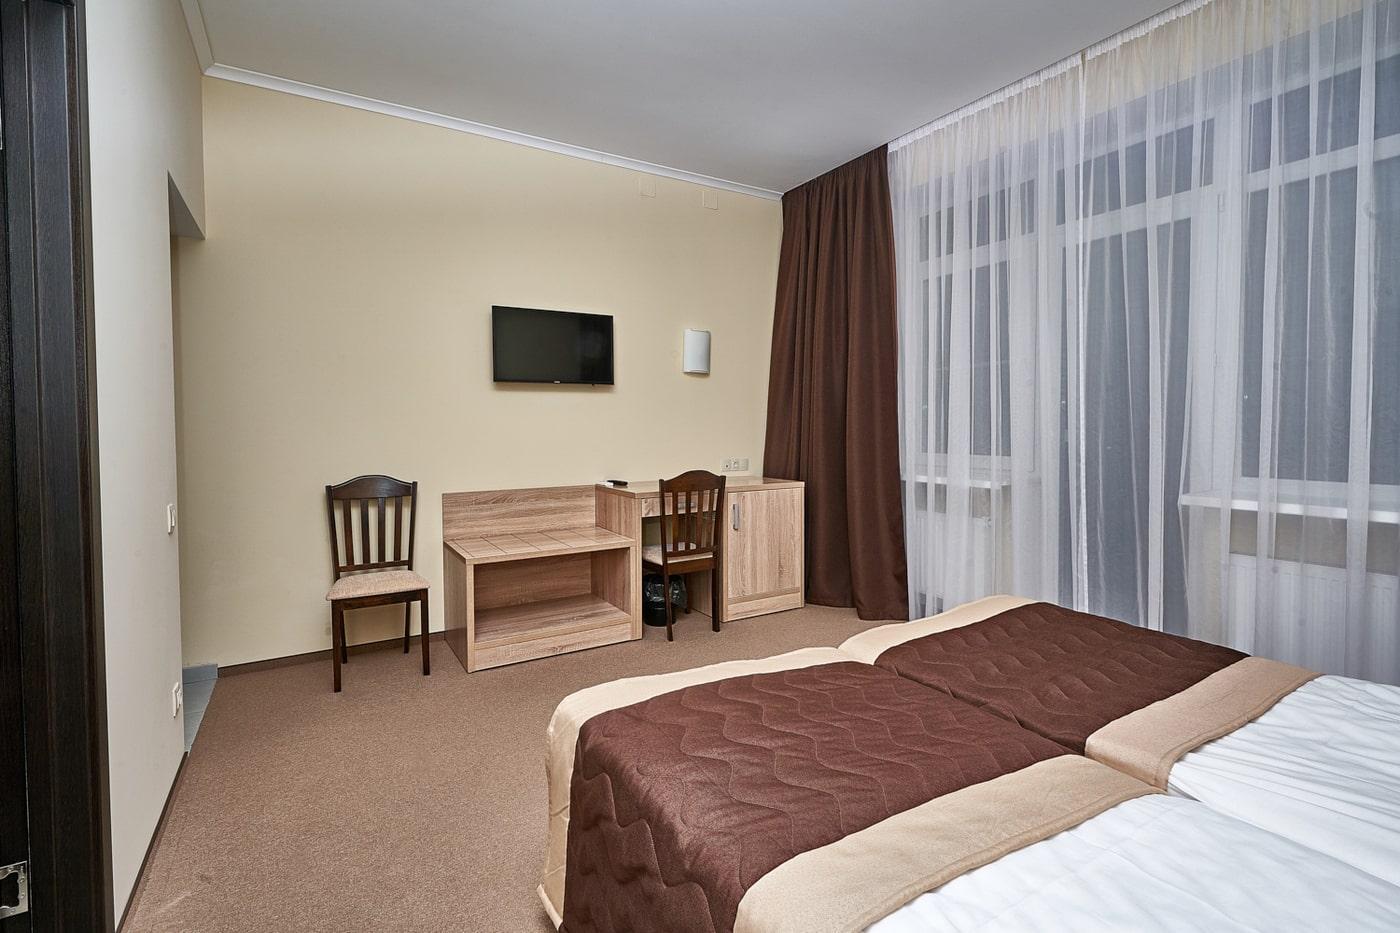 Парк-отель «Актёр-Руза» - семейный загородных отдых в Подмосковье с полным комплексом услуг.